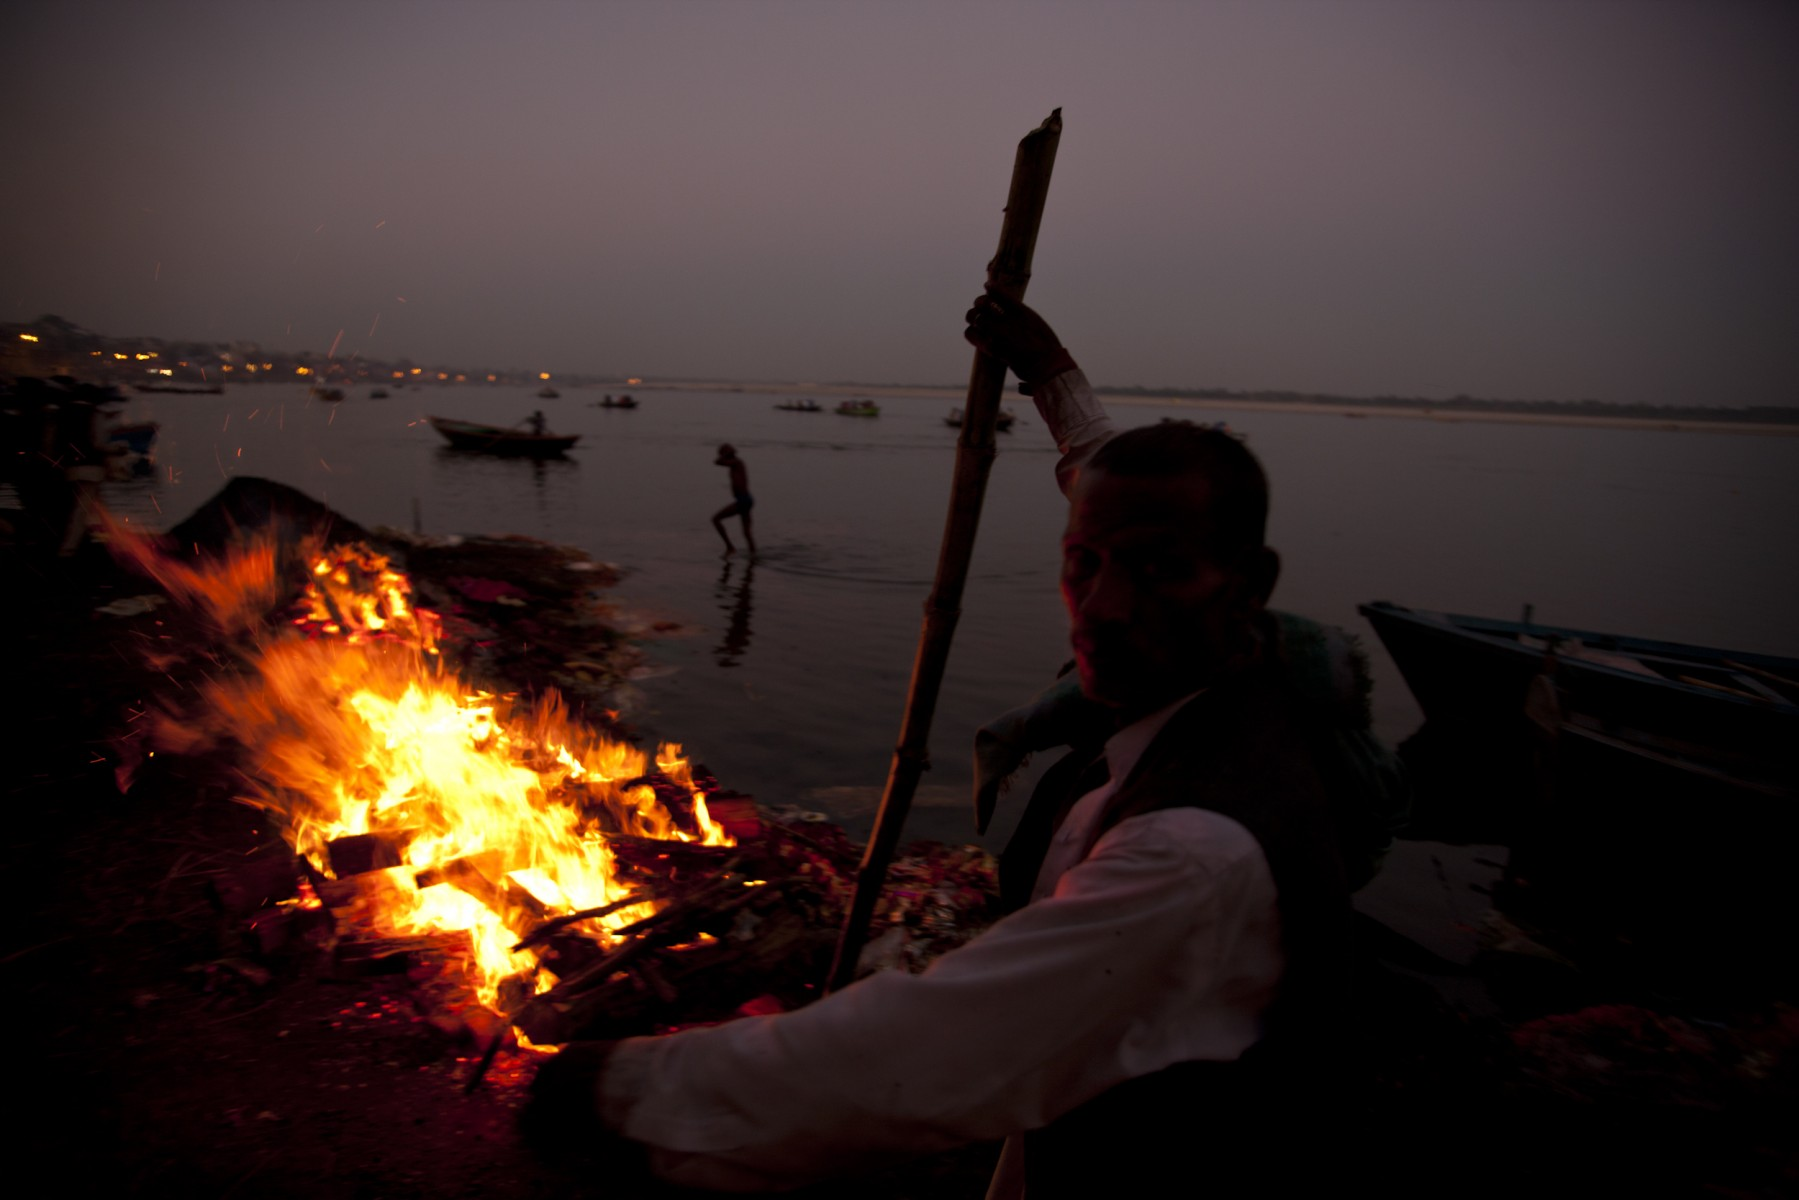 Burning pyres Varanasi